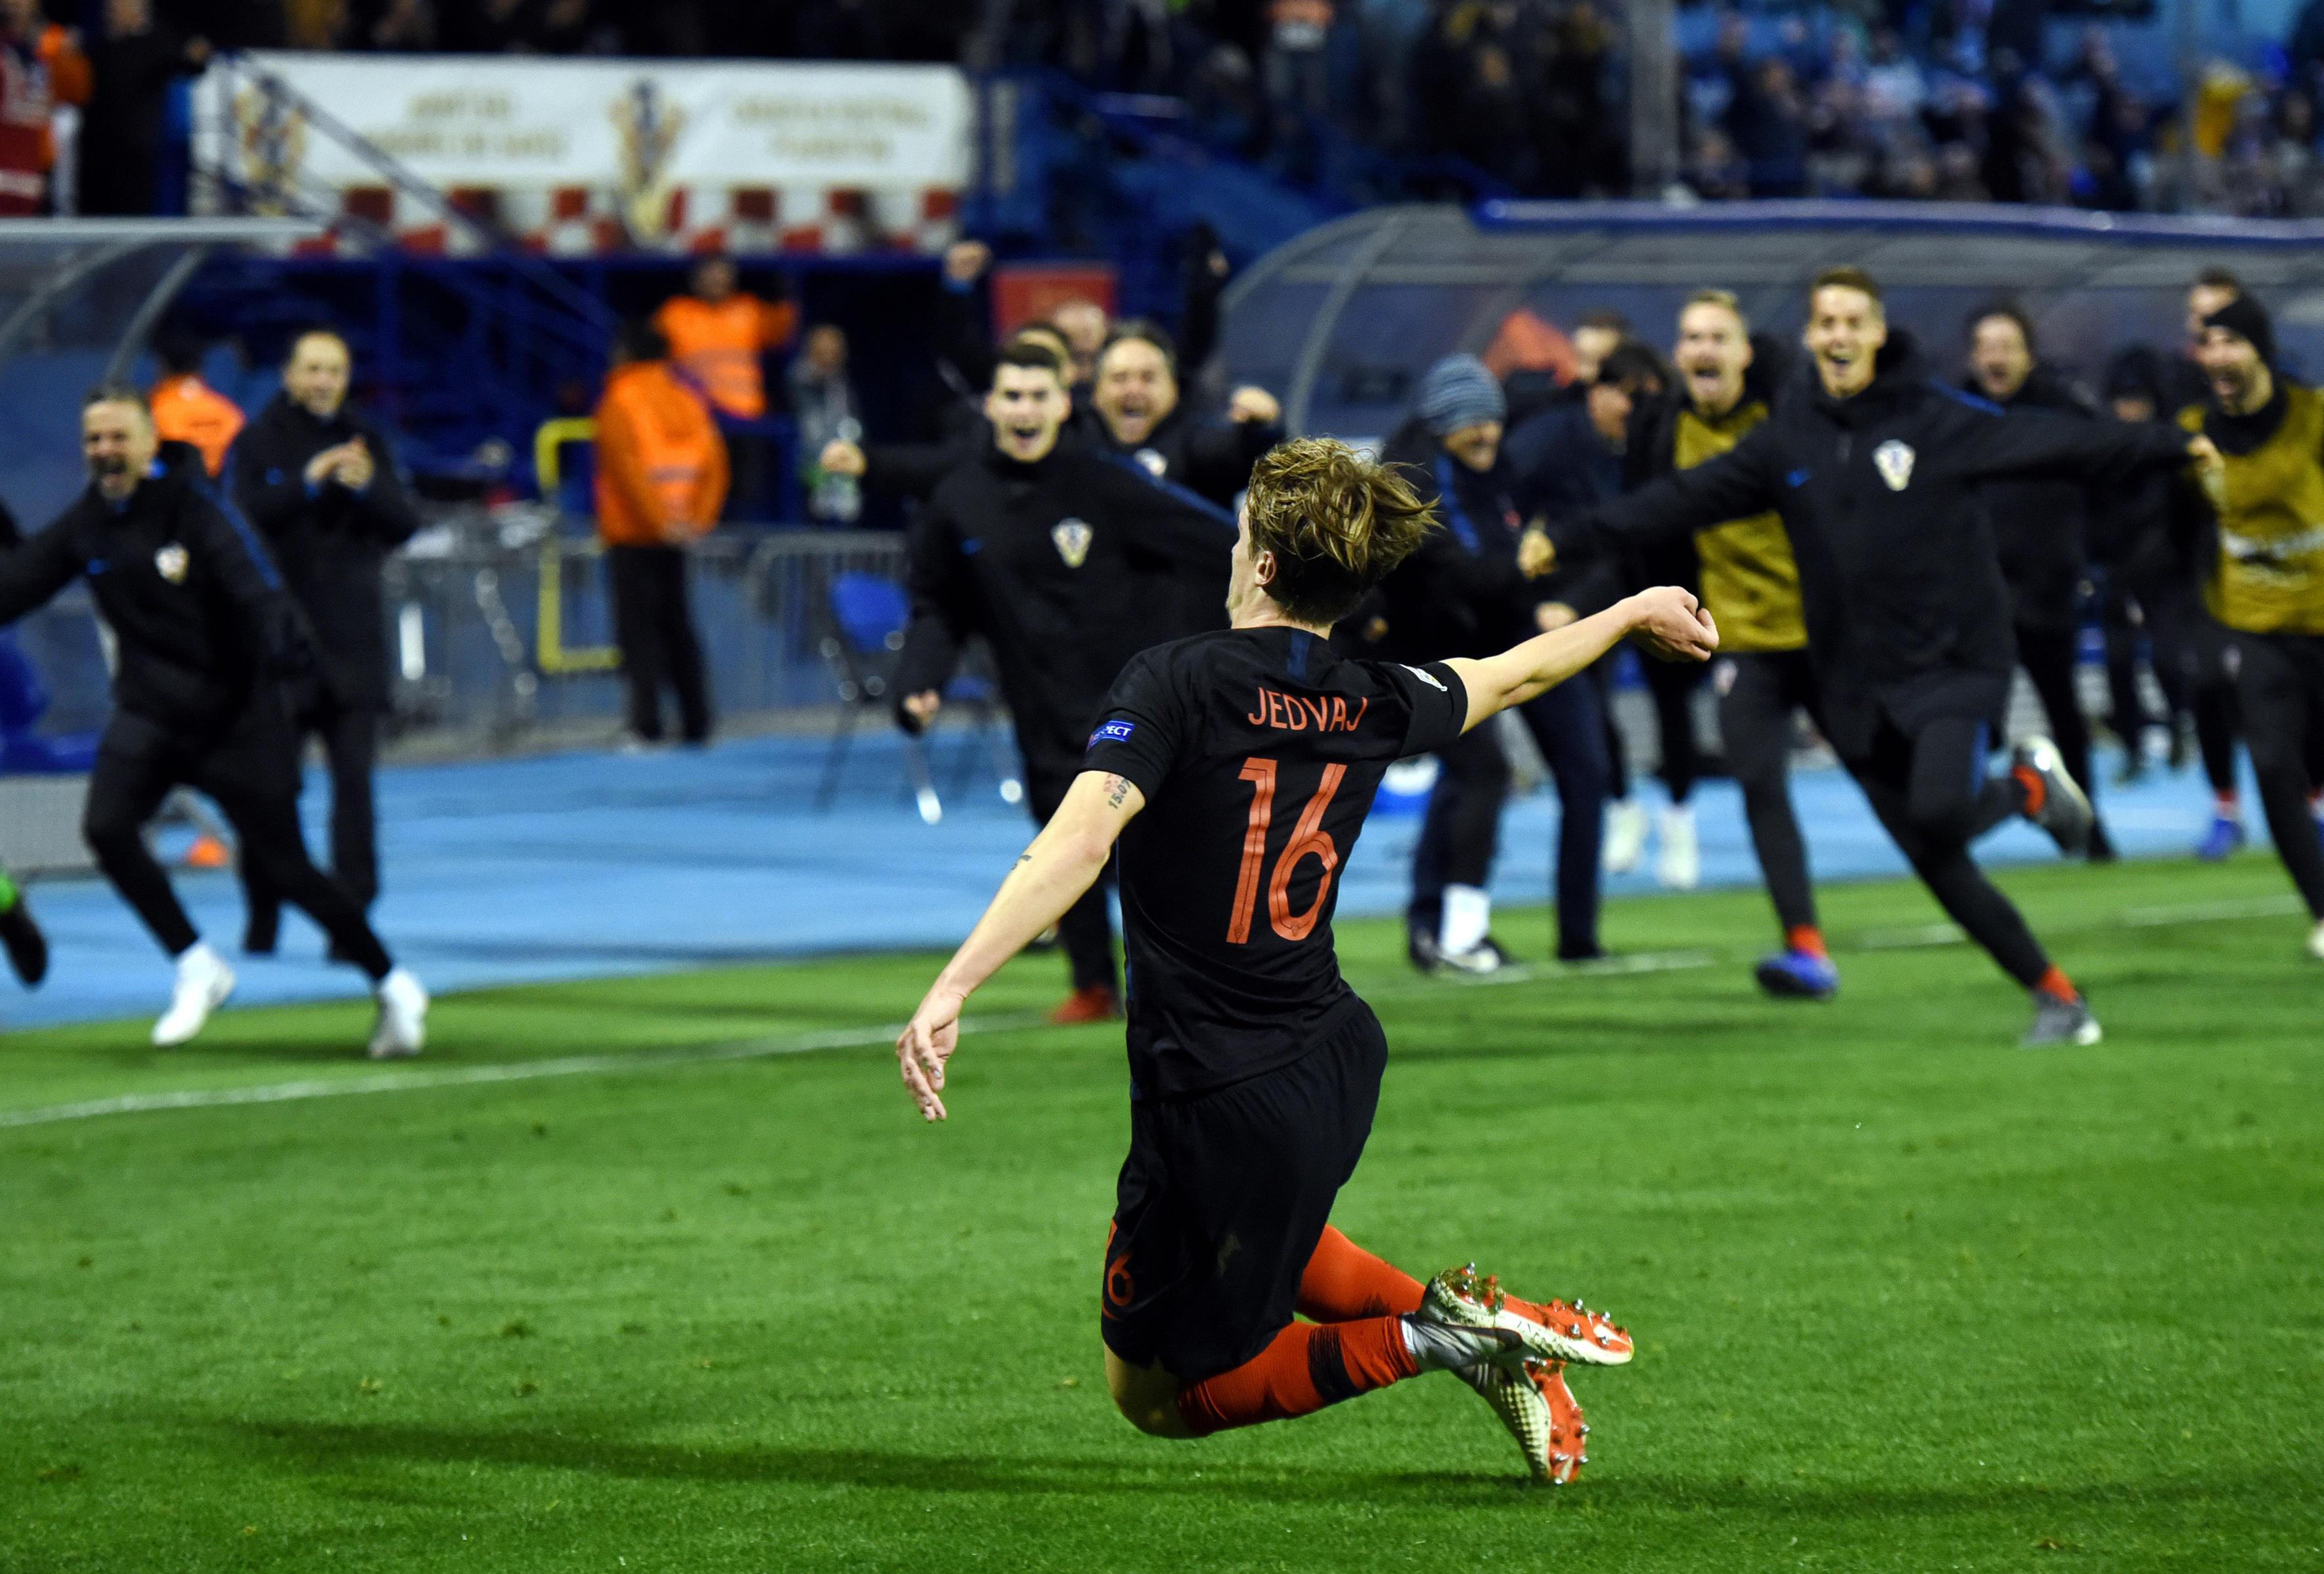 Nella 5ª giornata del gruppo 4 della Lega A di Nations League la Croazia supera in extremis la Spagna, che ora rischia di vedersi scavalcata al primo posto all'ultima giornata: i croati (che giocheranno con l'Inghilterra, 4 punti) salgono a 4, gli spagnoli restano a 6. L'eroe della serata si chiama Jedvaj: l'ex Roma con due gol (69') e (93') consegna la vittoria nel finale. Tutti i gol nella ripresa: Kramaric (54'), Ceballos (56') e Ramos (rigore, 78').